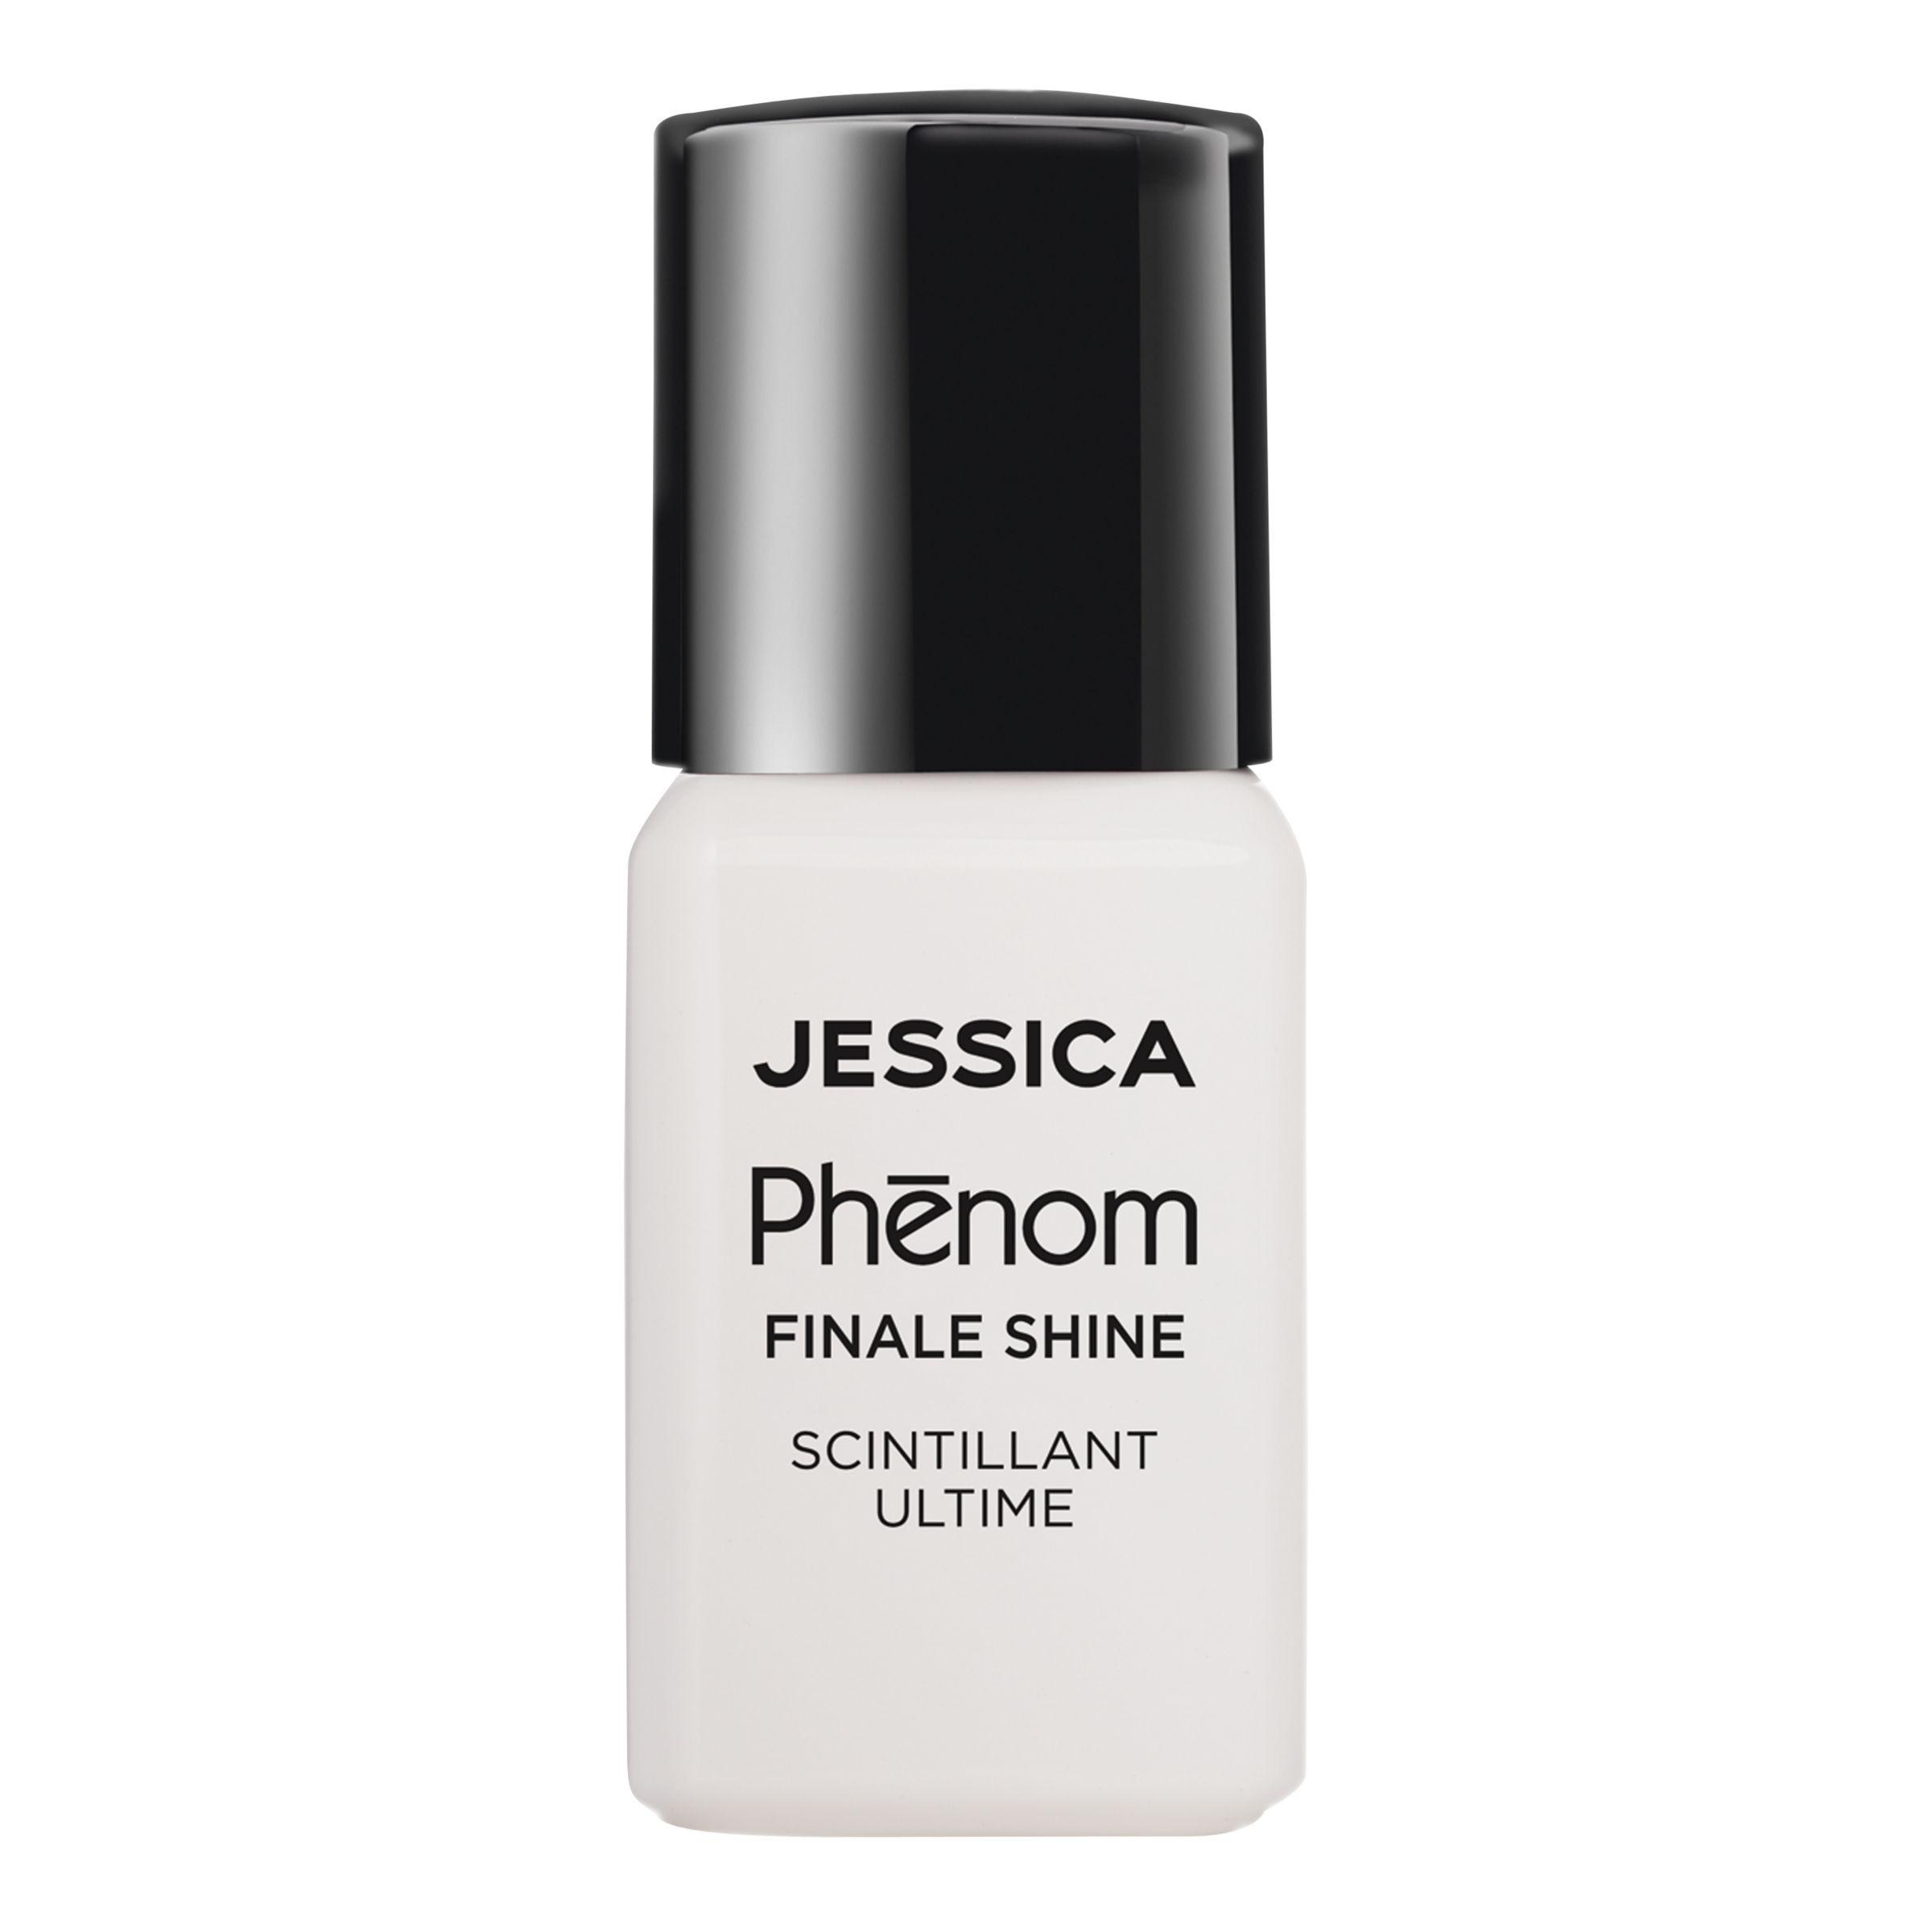 Jessica Jessica Phenom Finale Shine Top Coat, 15ml